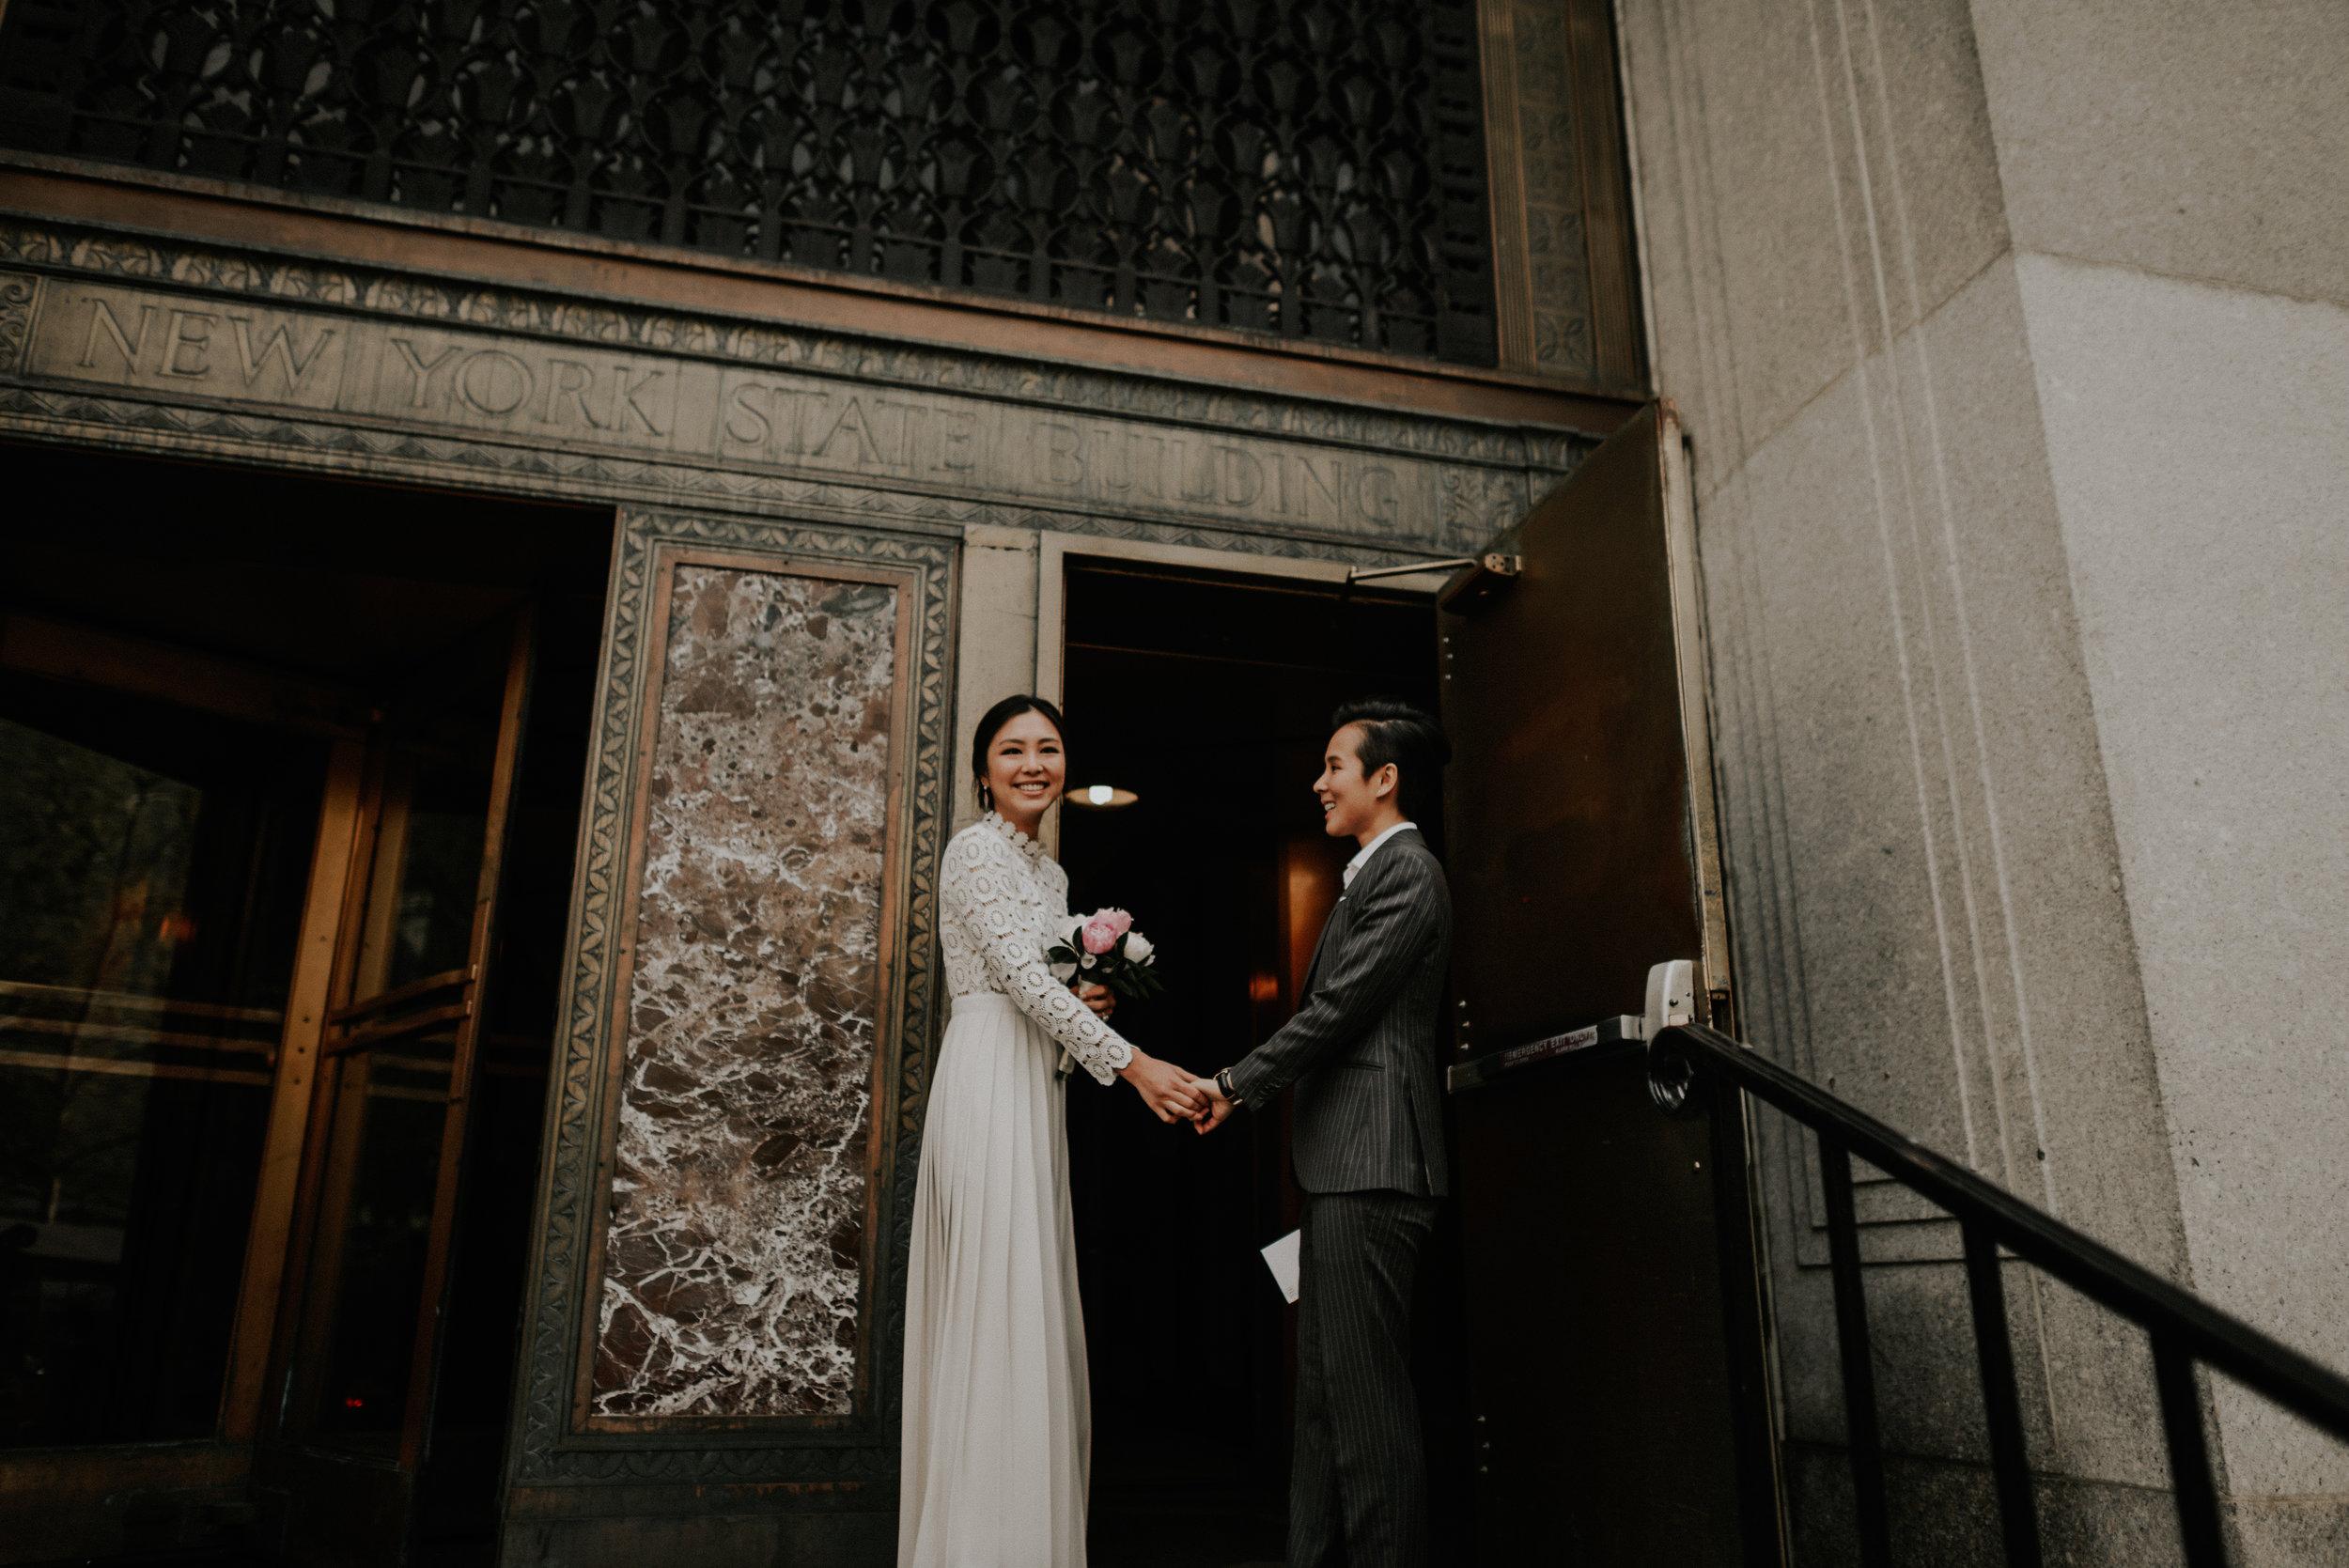 wildsoulsstudio-nyc wedding elopement-15.jpg